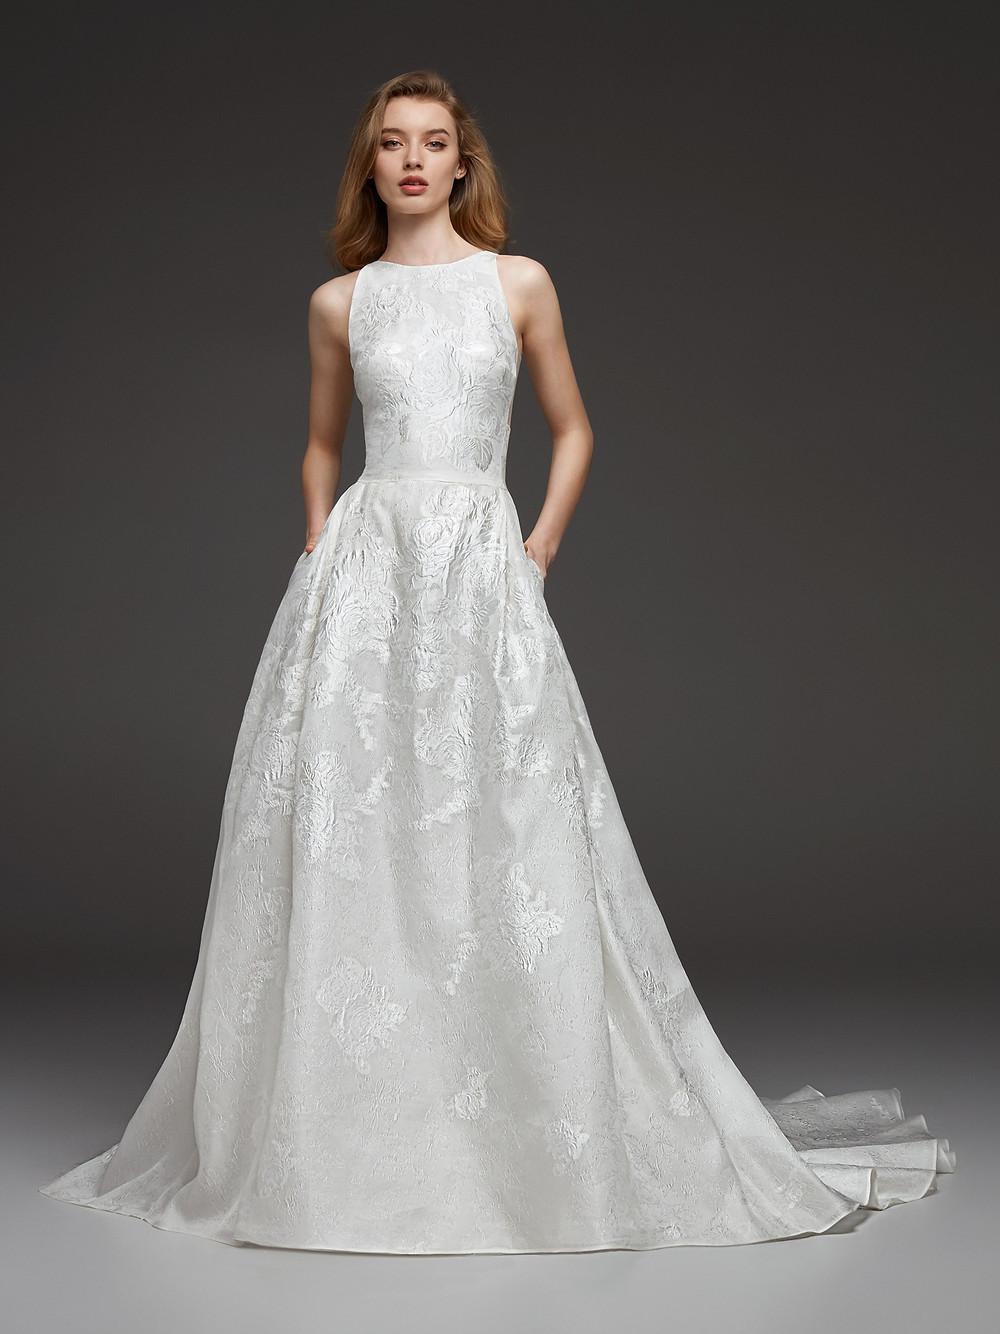 A Pronovias jacquard taffeta A-line wedding dress with pockets and a high neck